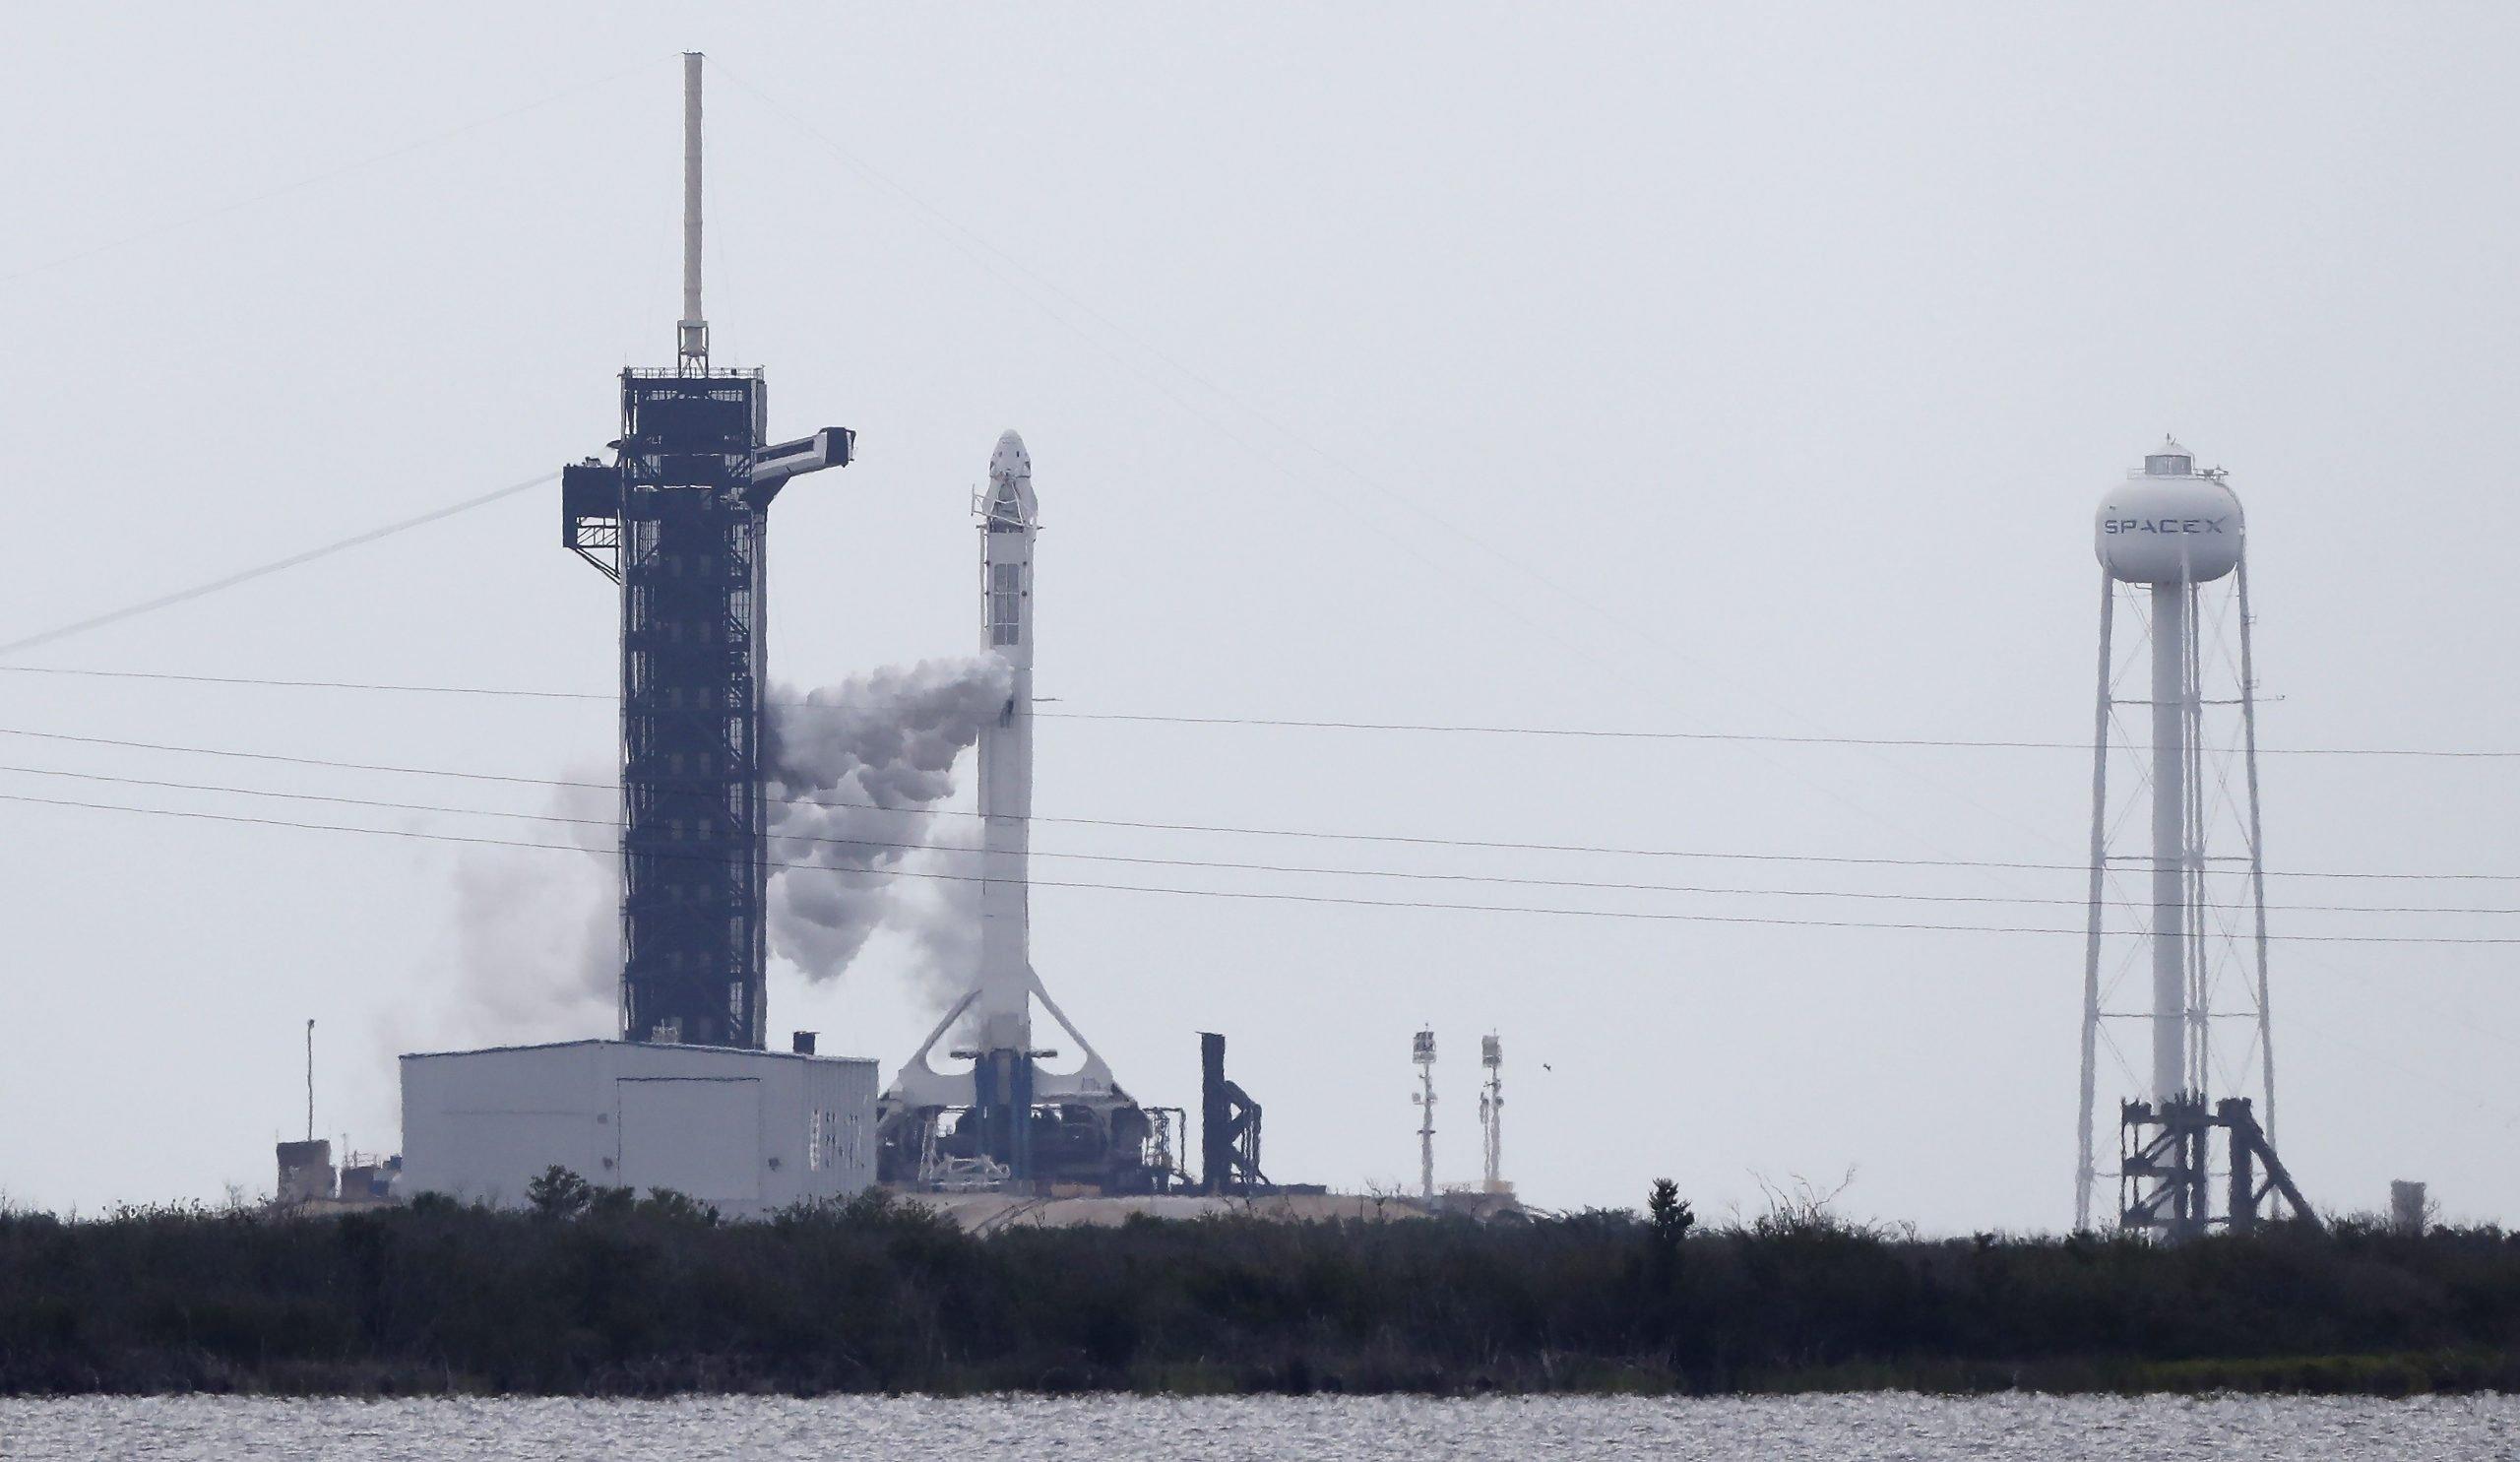 El tiempo no acompañó y la histórica misión Demo-2 se retrasa hasta el sábado